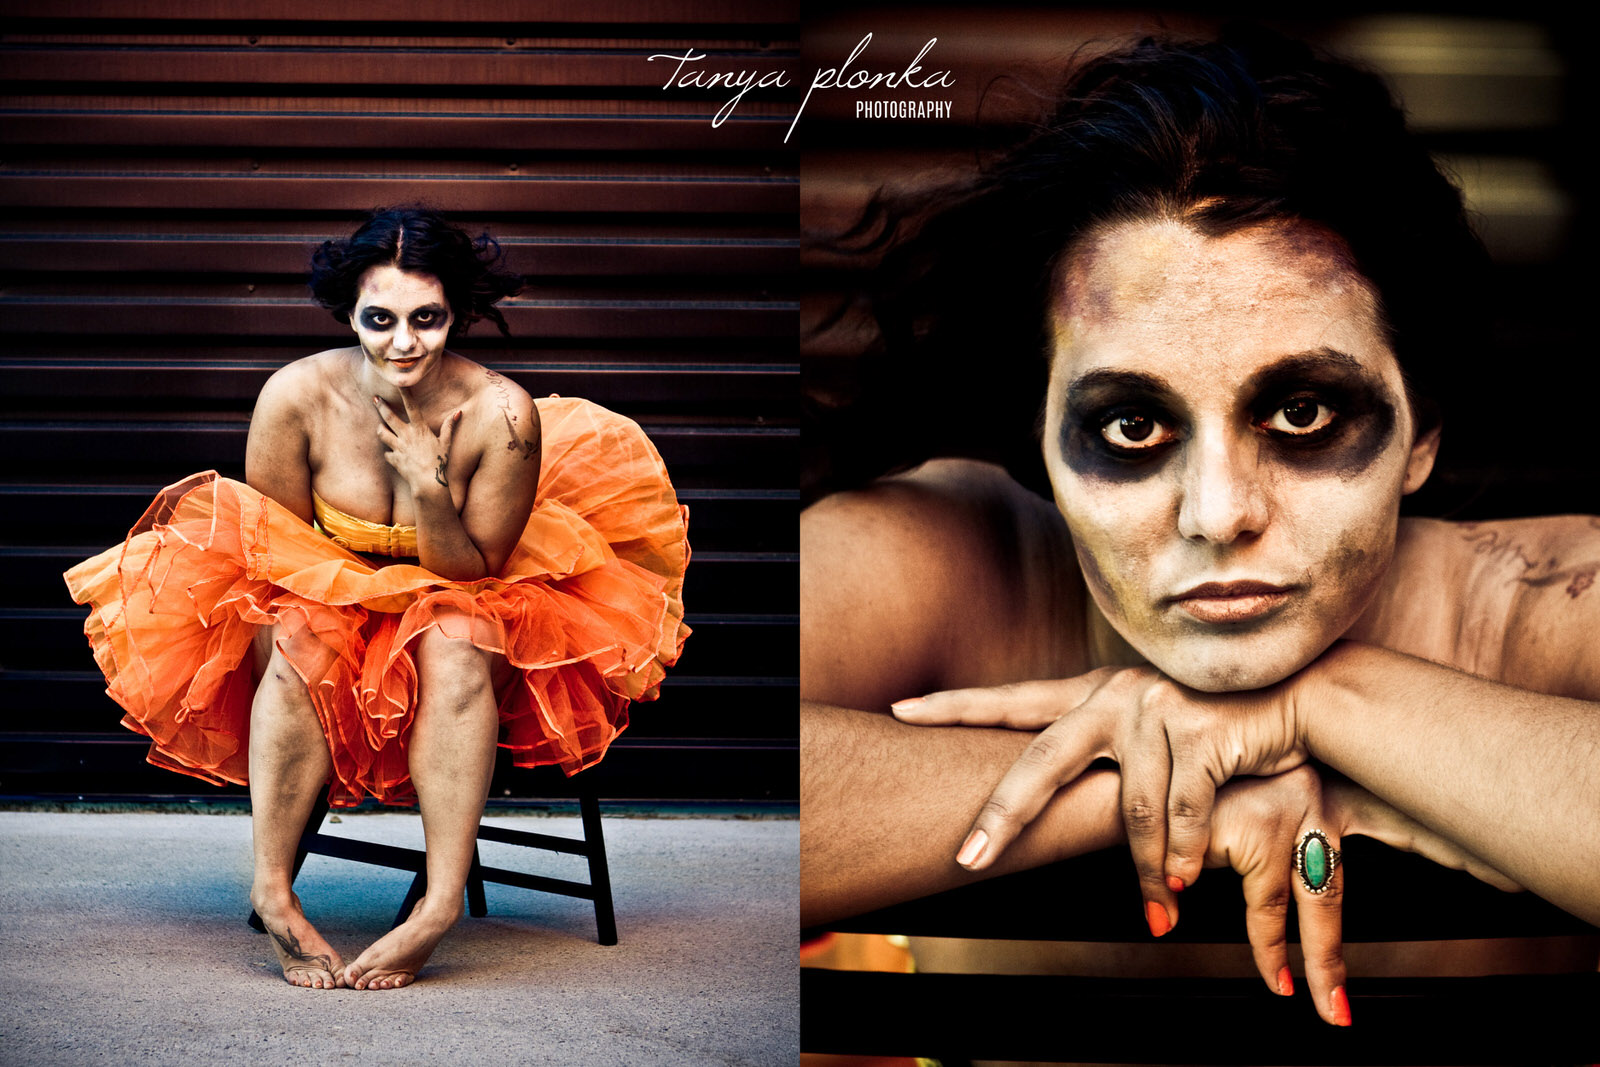 zombie model in poofy orange dress sitting on chair